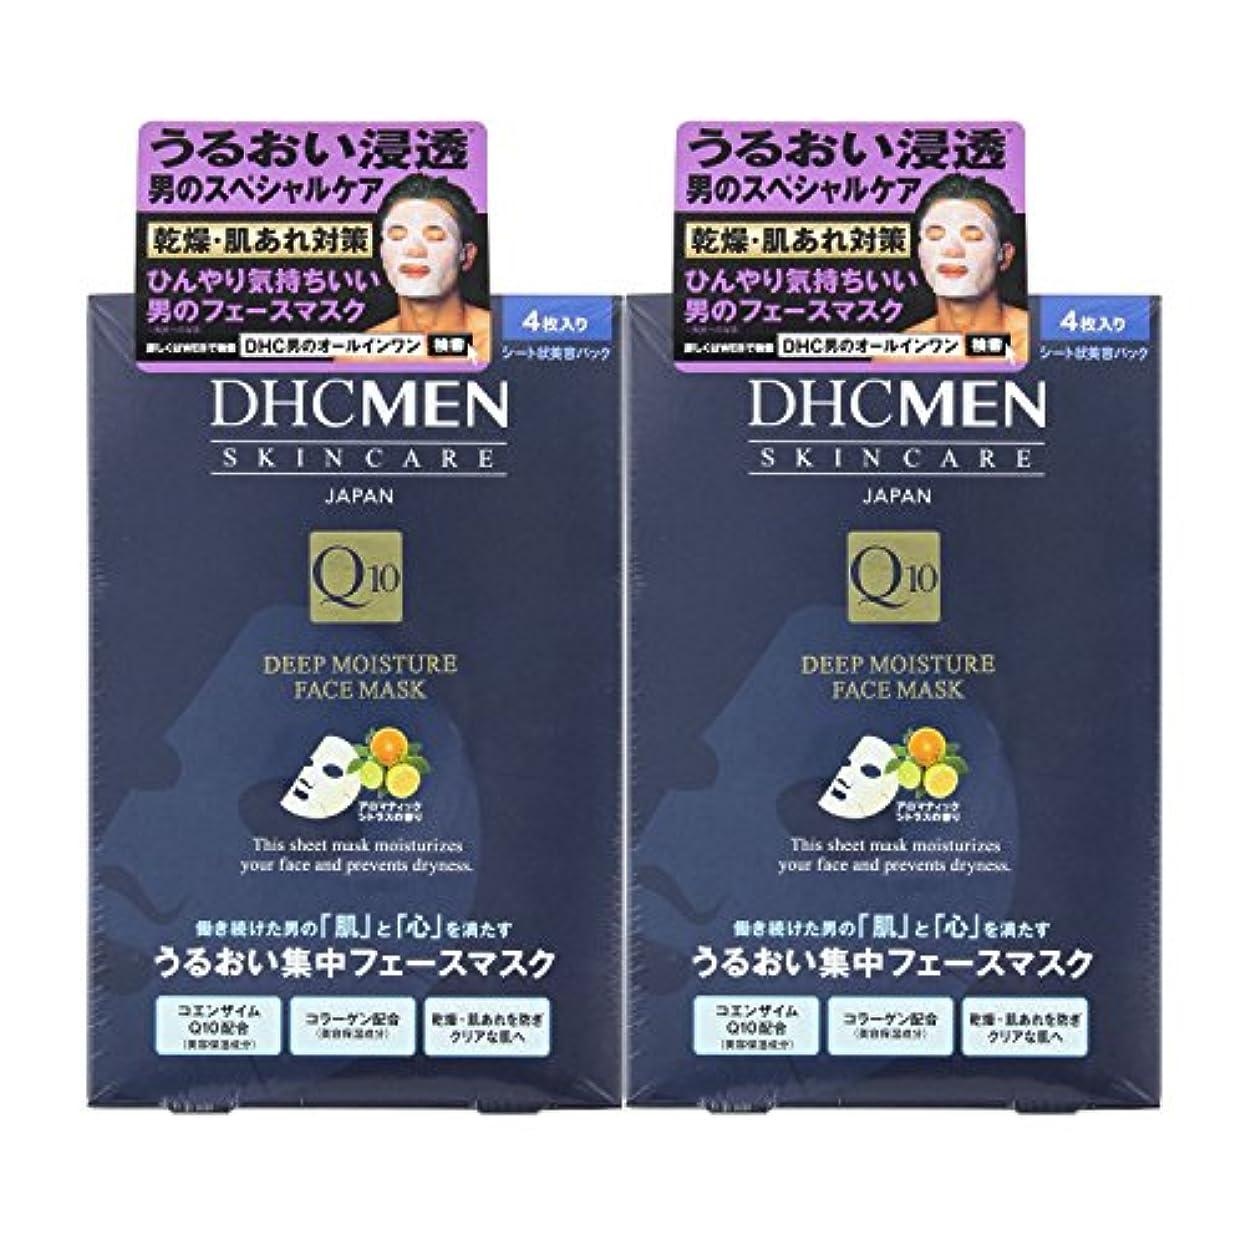 パウダーウェイトレスサイト【セット品】DHC MEN(男性用) ディープモイスチュア フェースマスク 4枚 2個セット